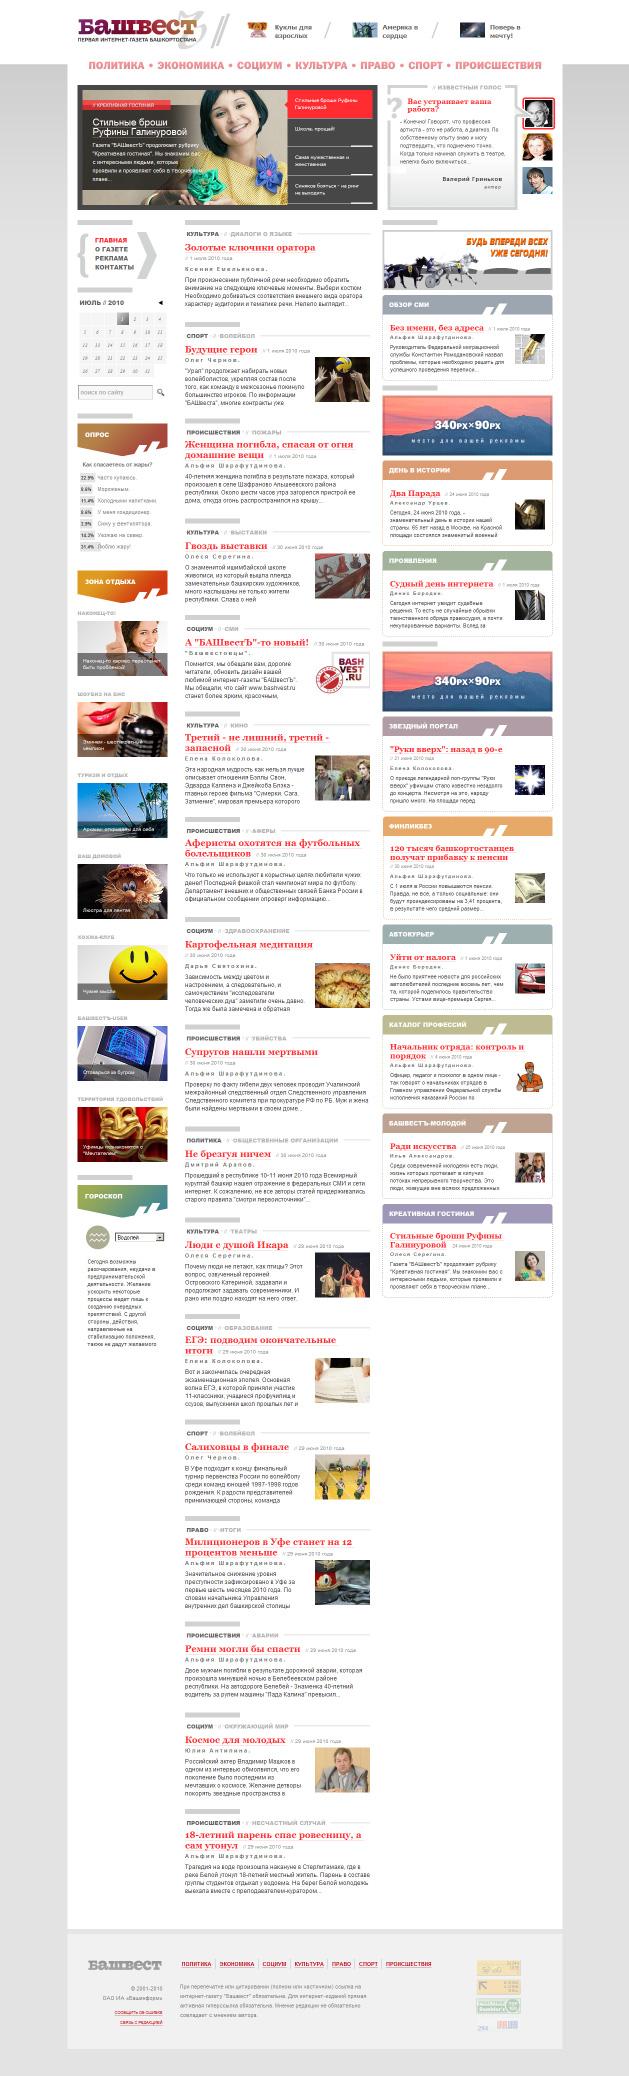 Интернет-газета «Башвест» — СМИ — Дизайн-макет